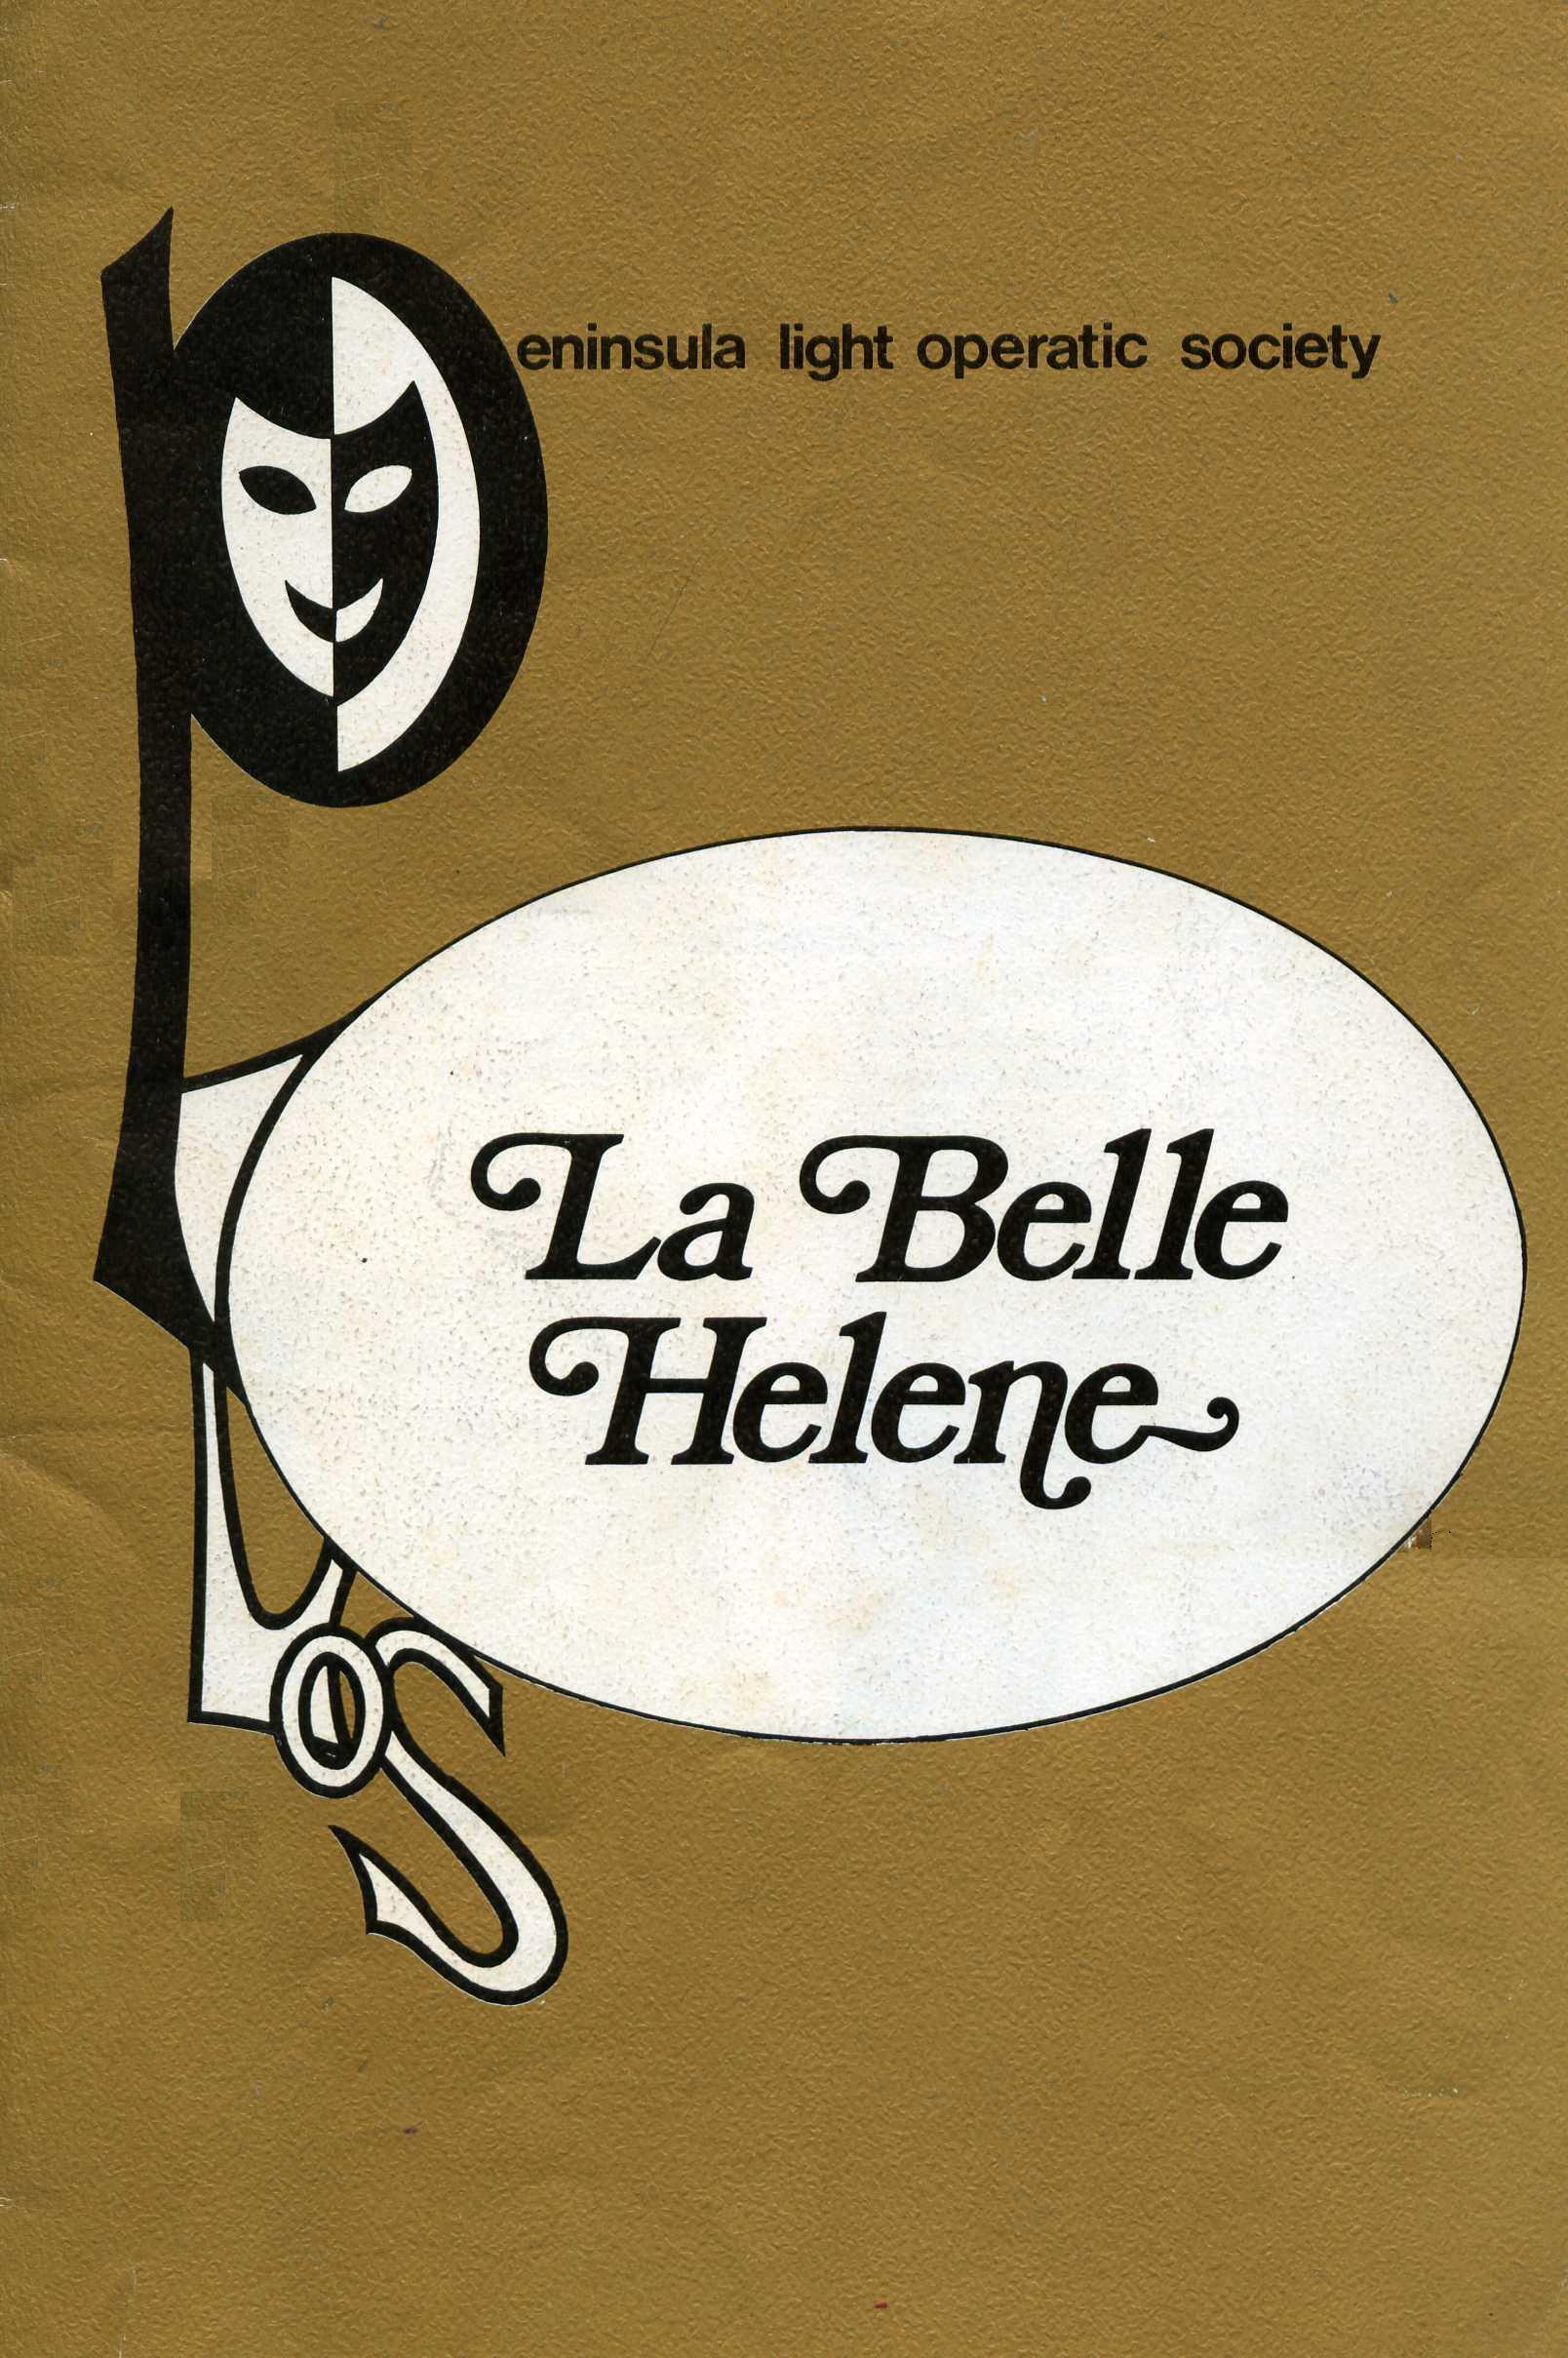 La Belle Helene